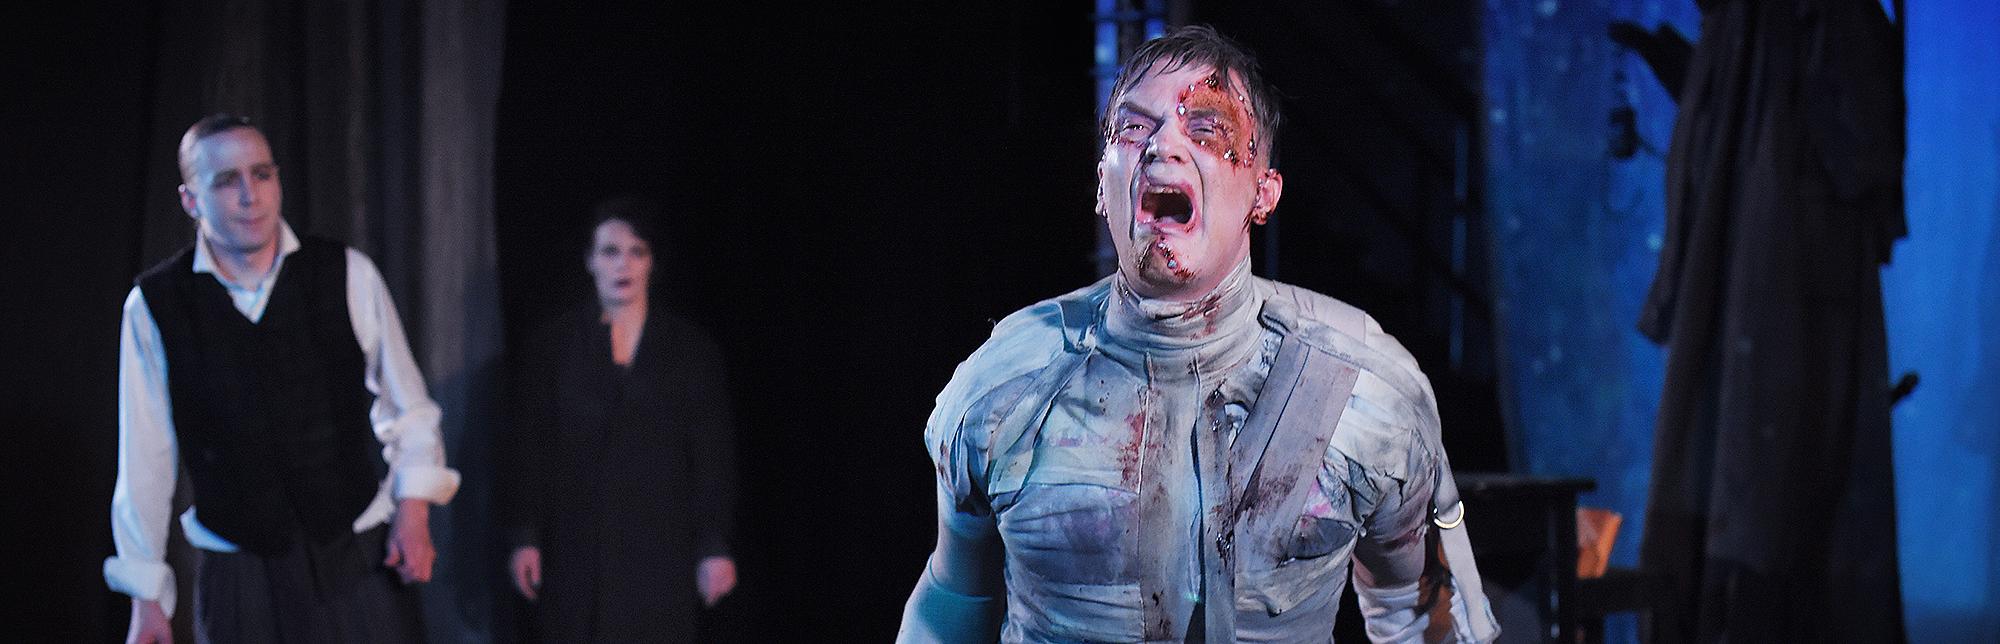 Turnéstart av Frankenstein med föreställningar i Stockholm!